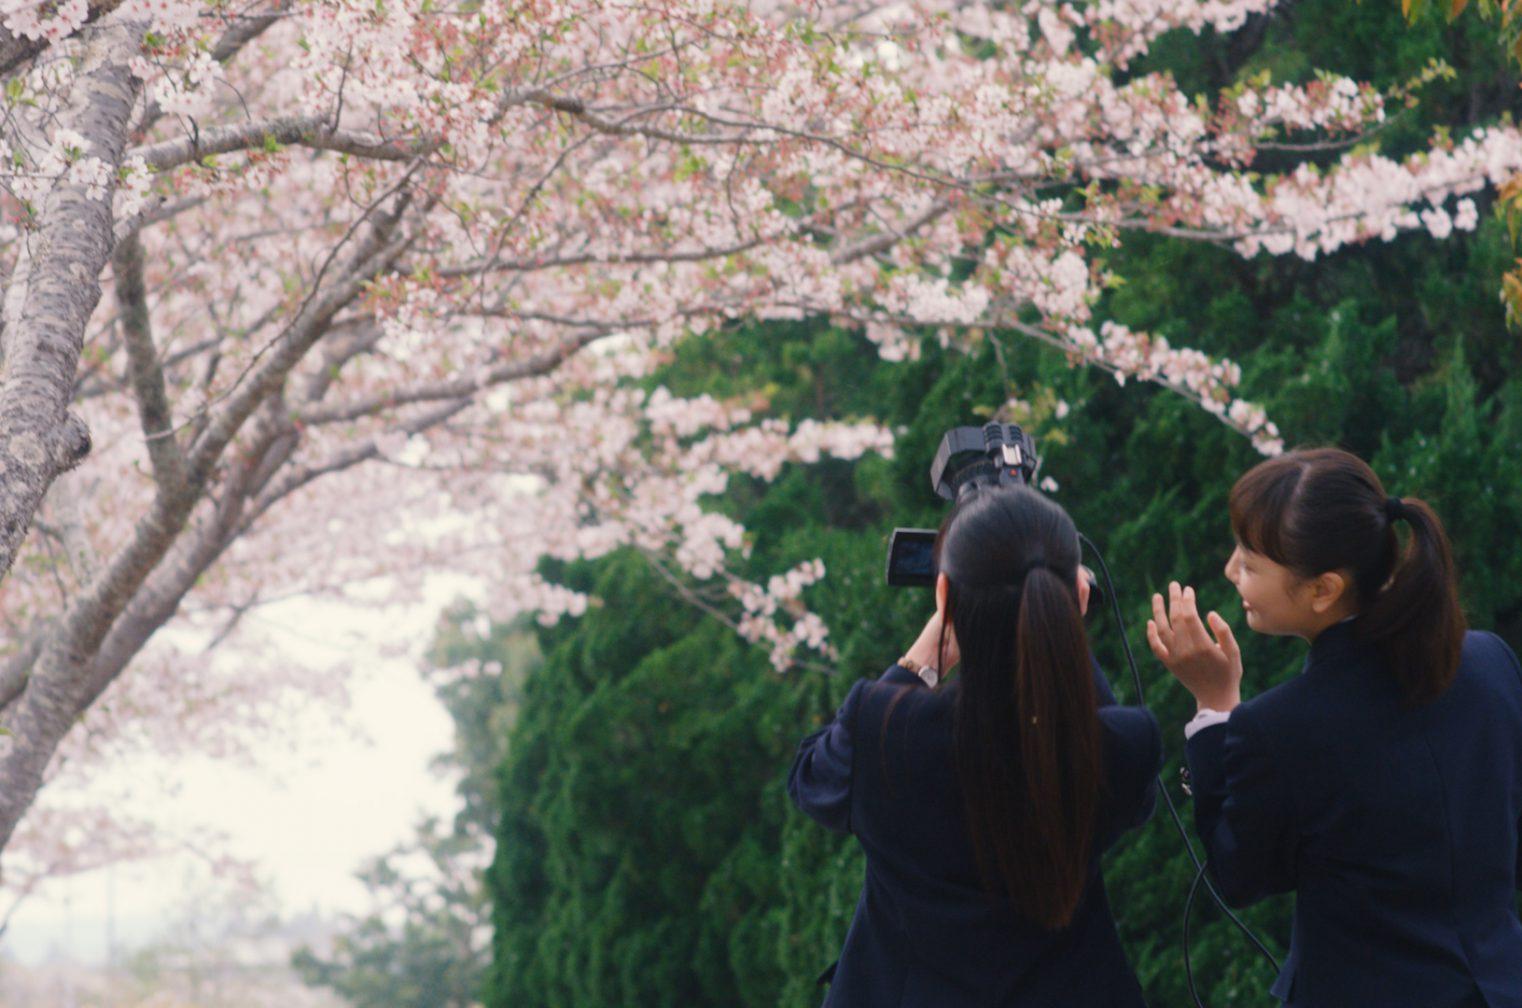 千葉県長生村のプロモーション映画『長生ノスタルジア』、ティザー動画が公開開始